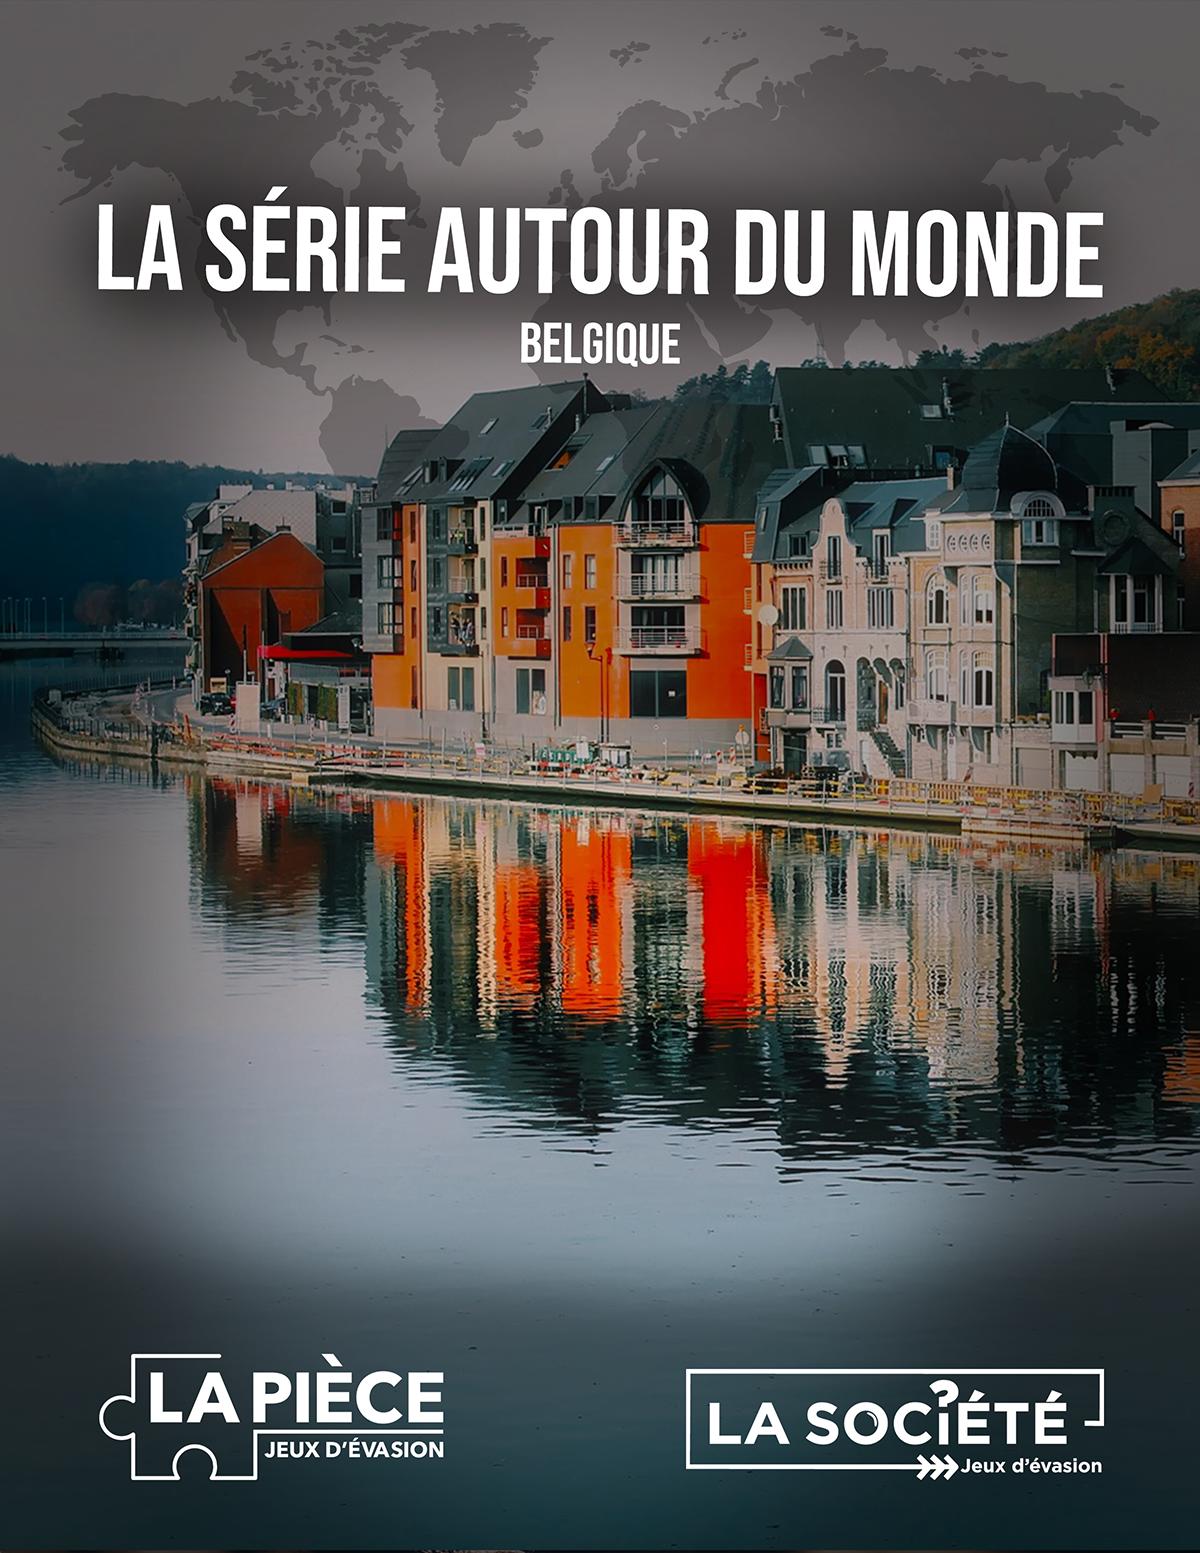 Image de couverture du jeu de la Belgique - maisons se reflétant dans l'eau